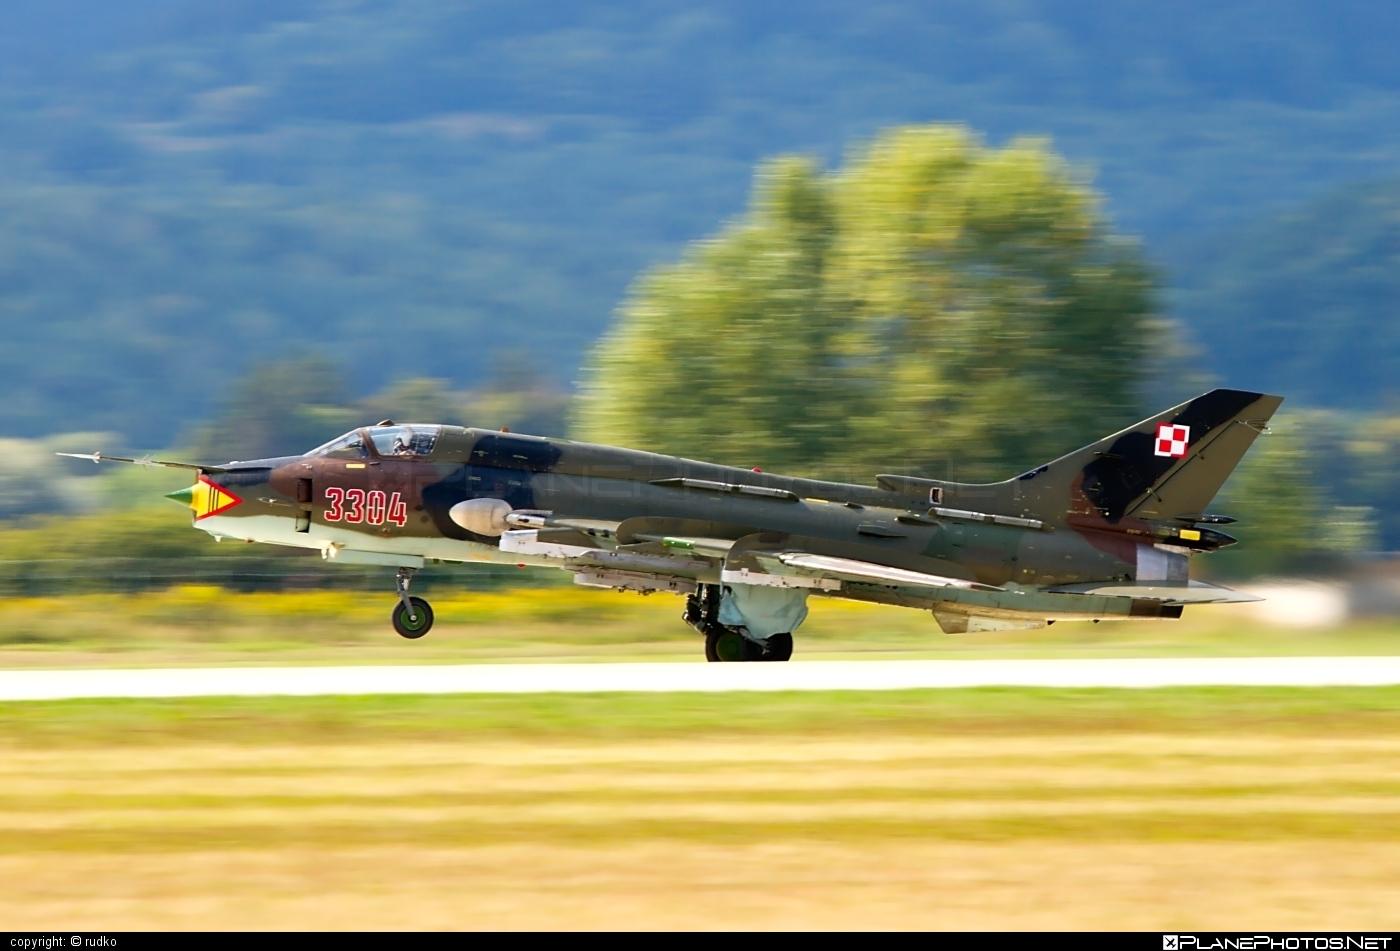 Sukhoi Su-22M4 - 3304 operated by Siły Powietrzne Rzeczypospolitej Polskiej (Polish Air Force) #polishairforce #silypowietrzne #sukhoi